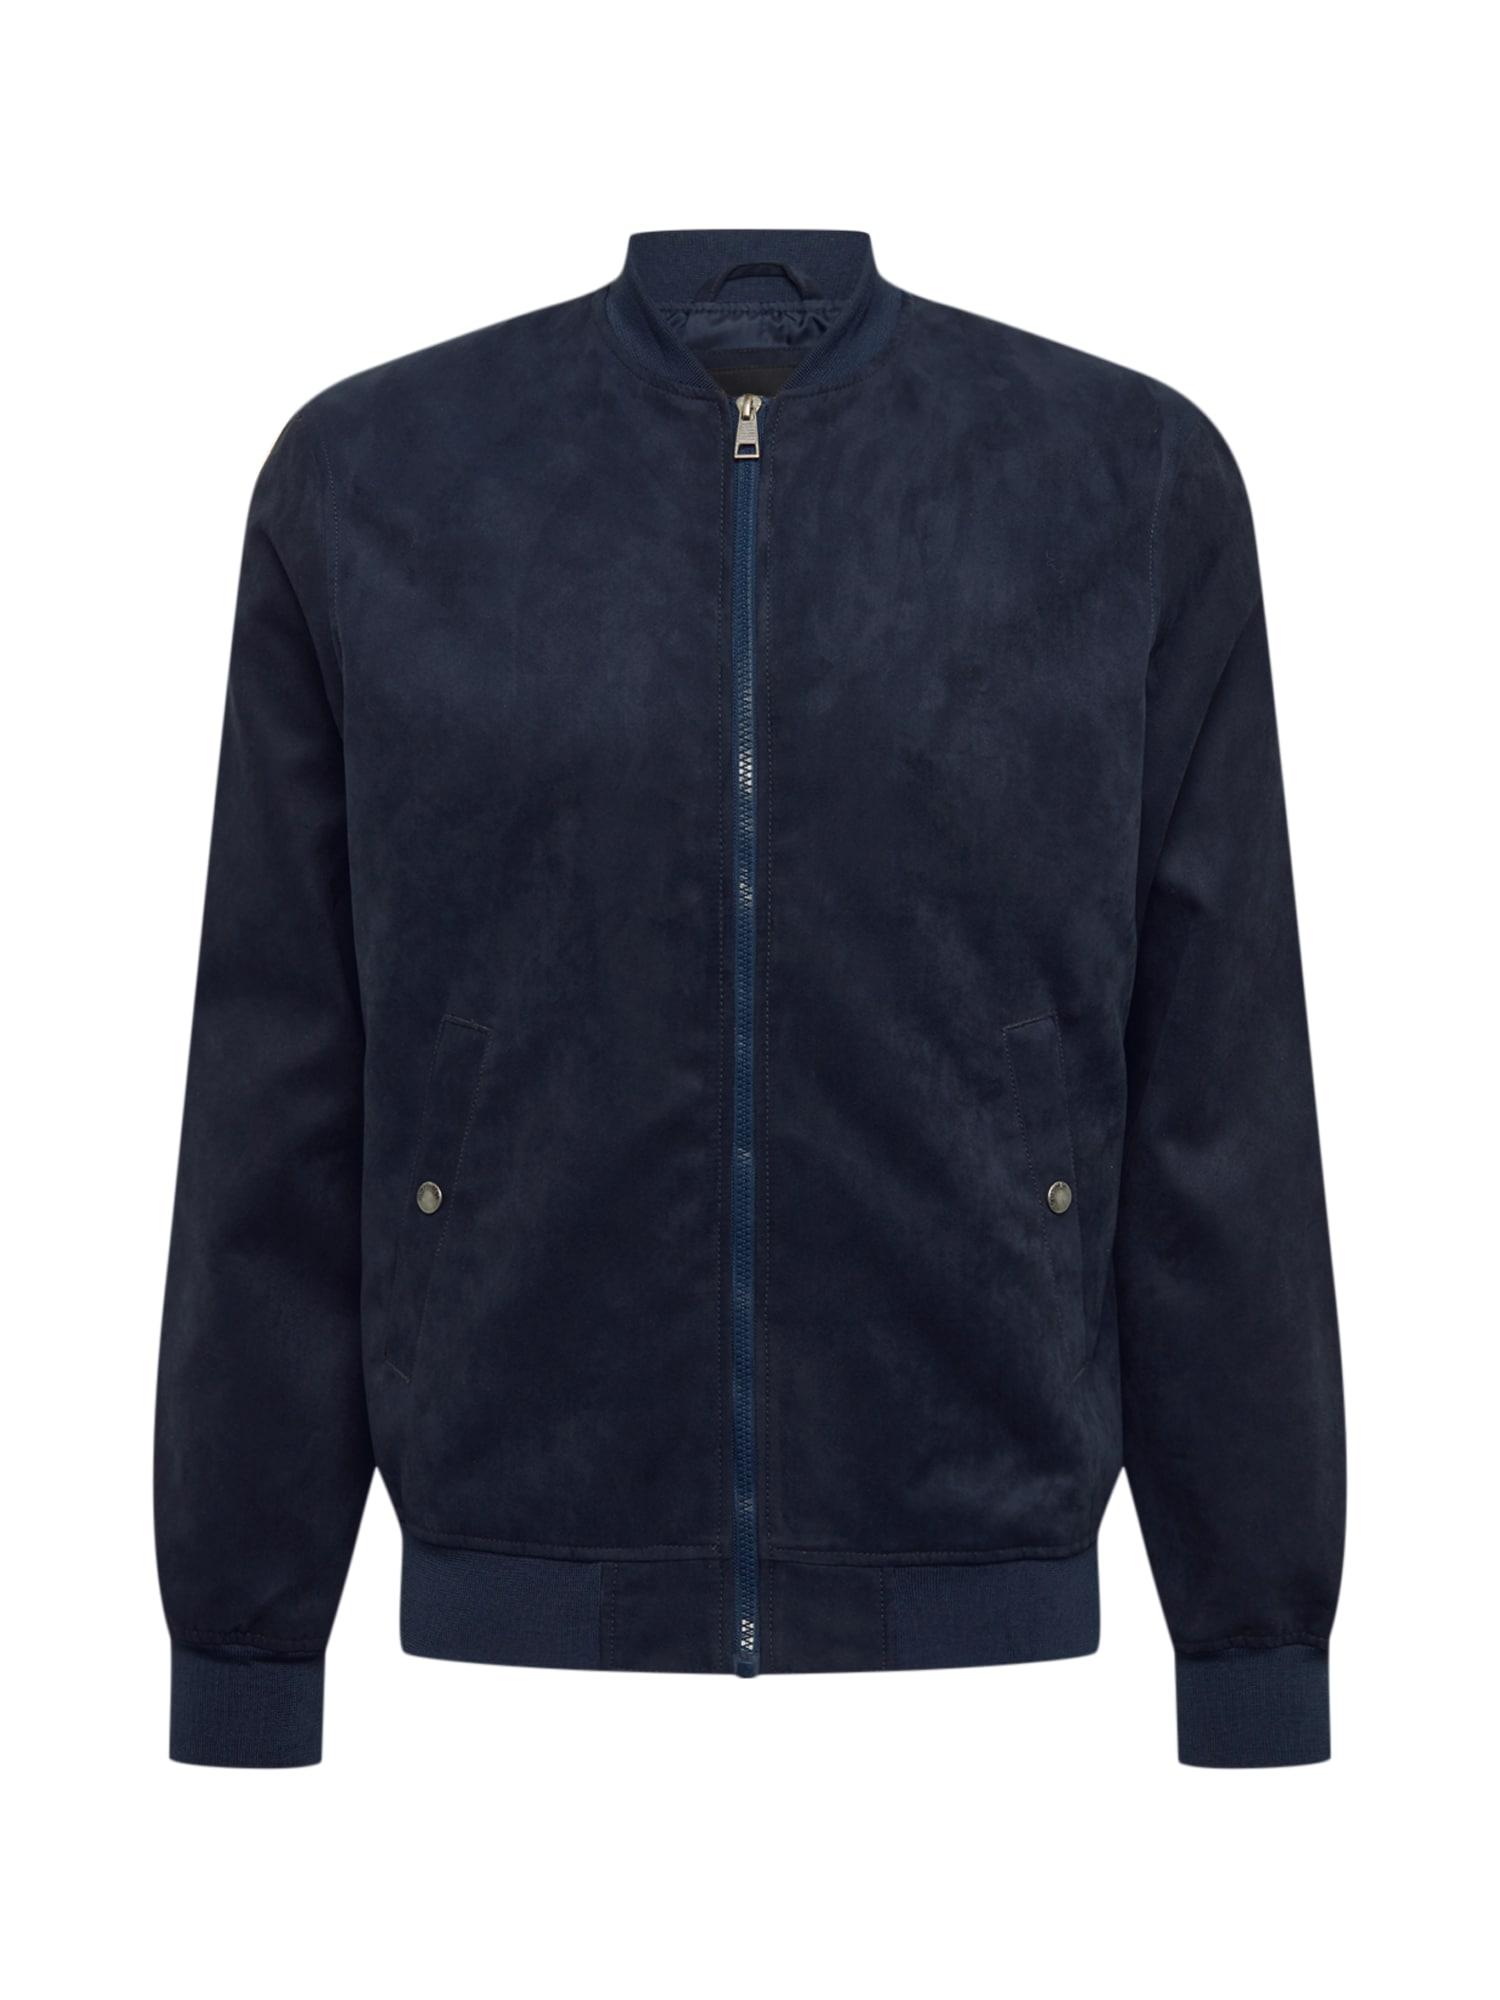 Přechodná bunda ELIJAH námořnická modř Only & Sons